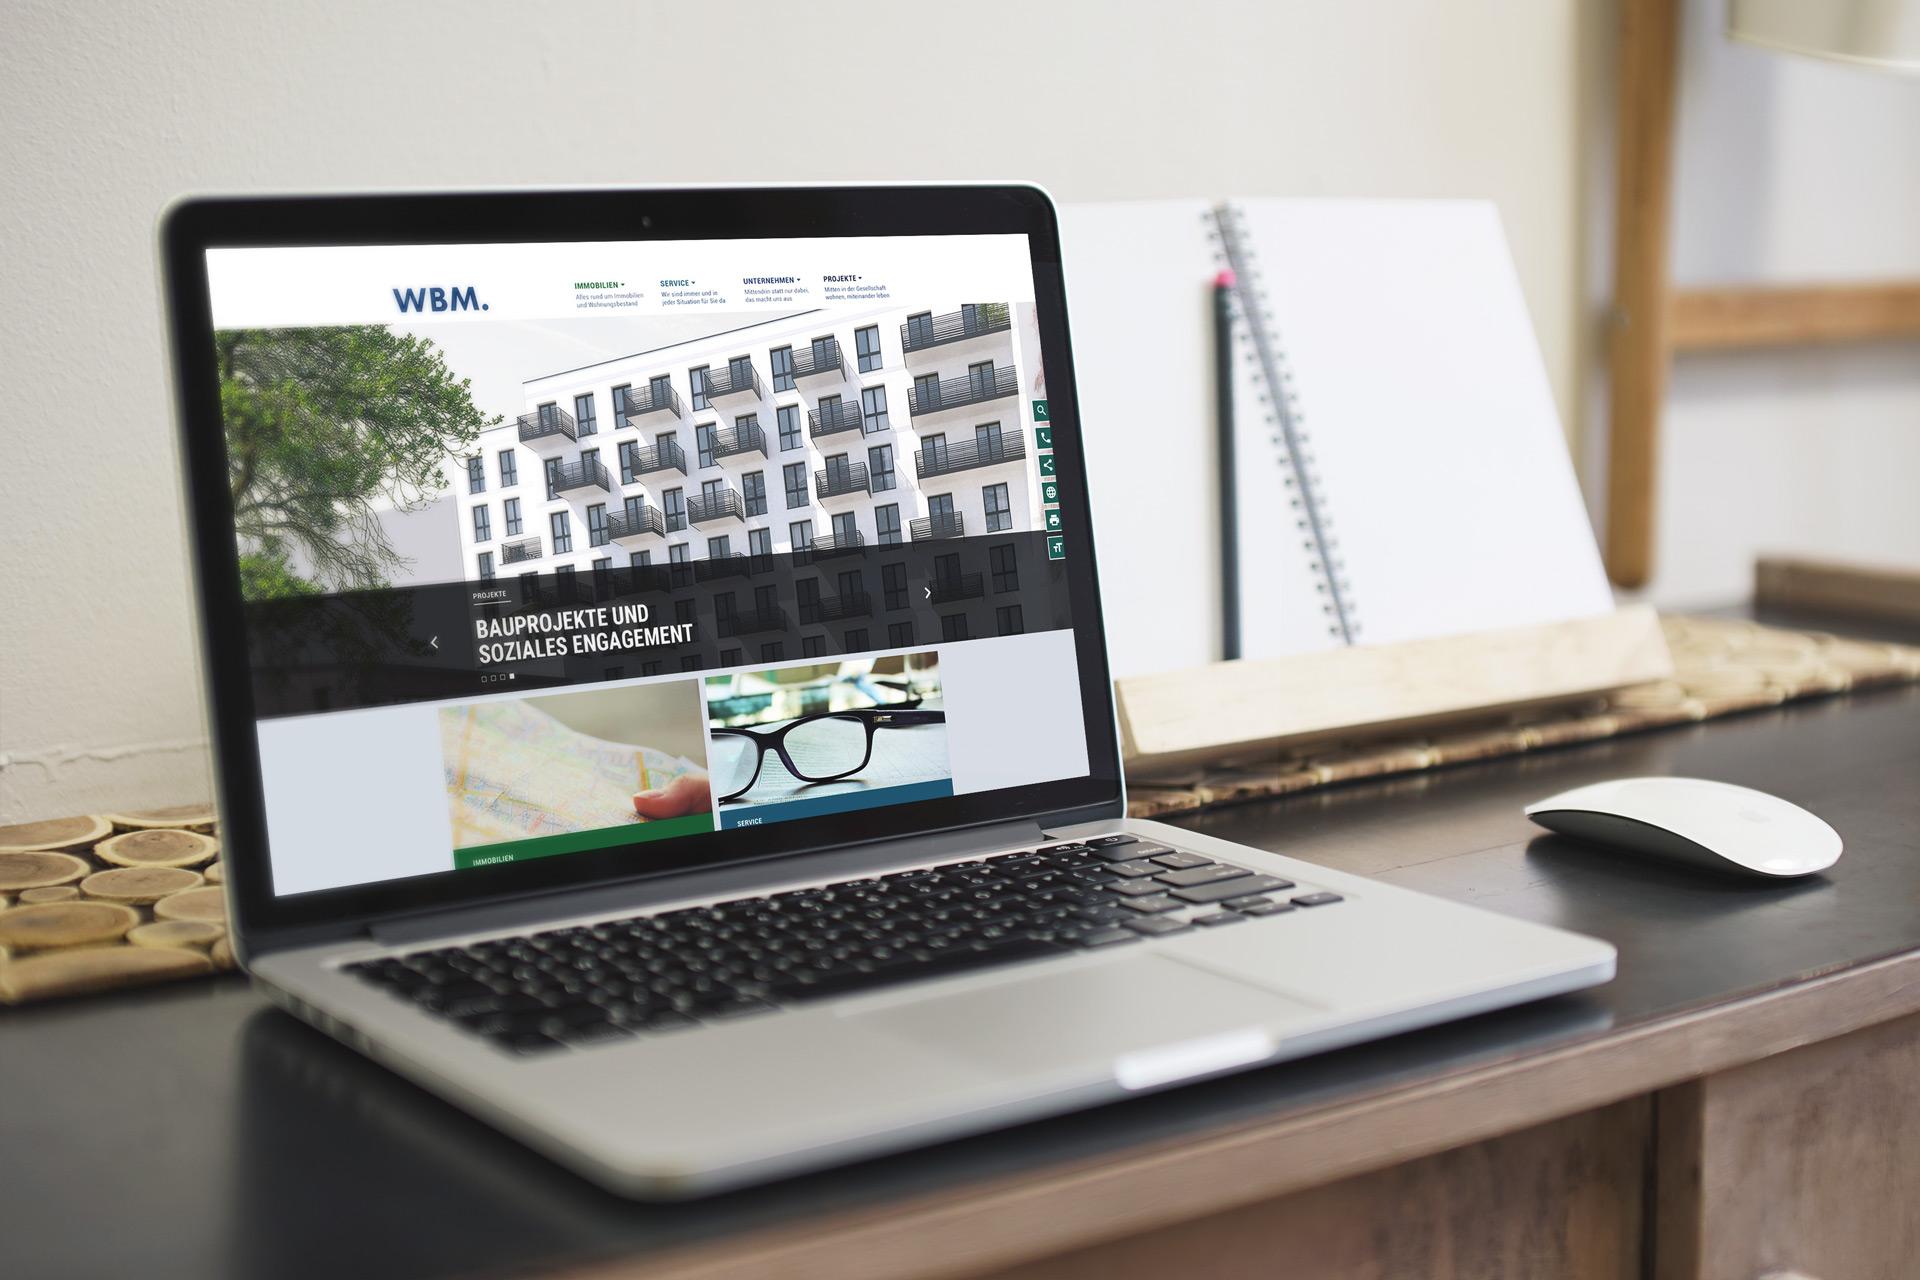 WBM Immobilien Unternehmensseite auf einem Laptop